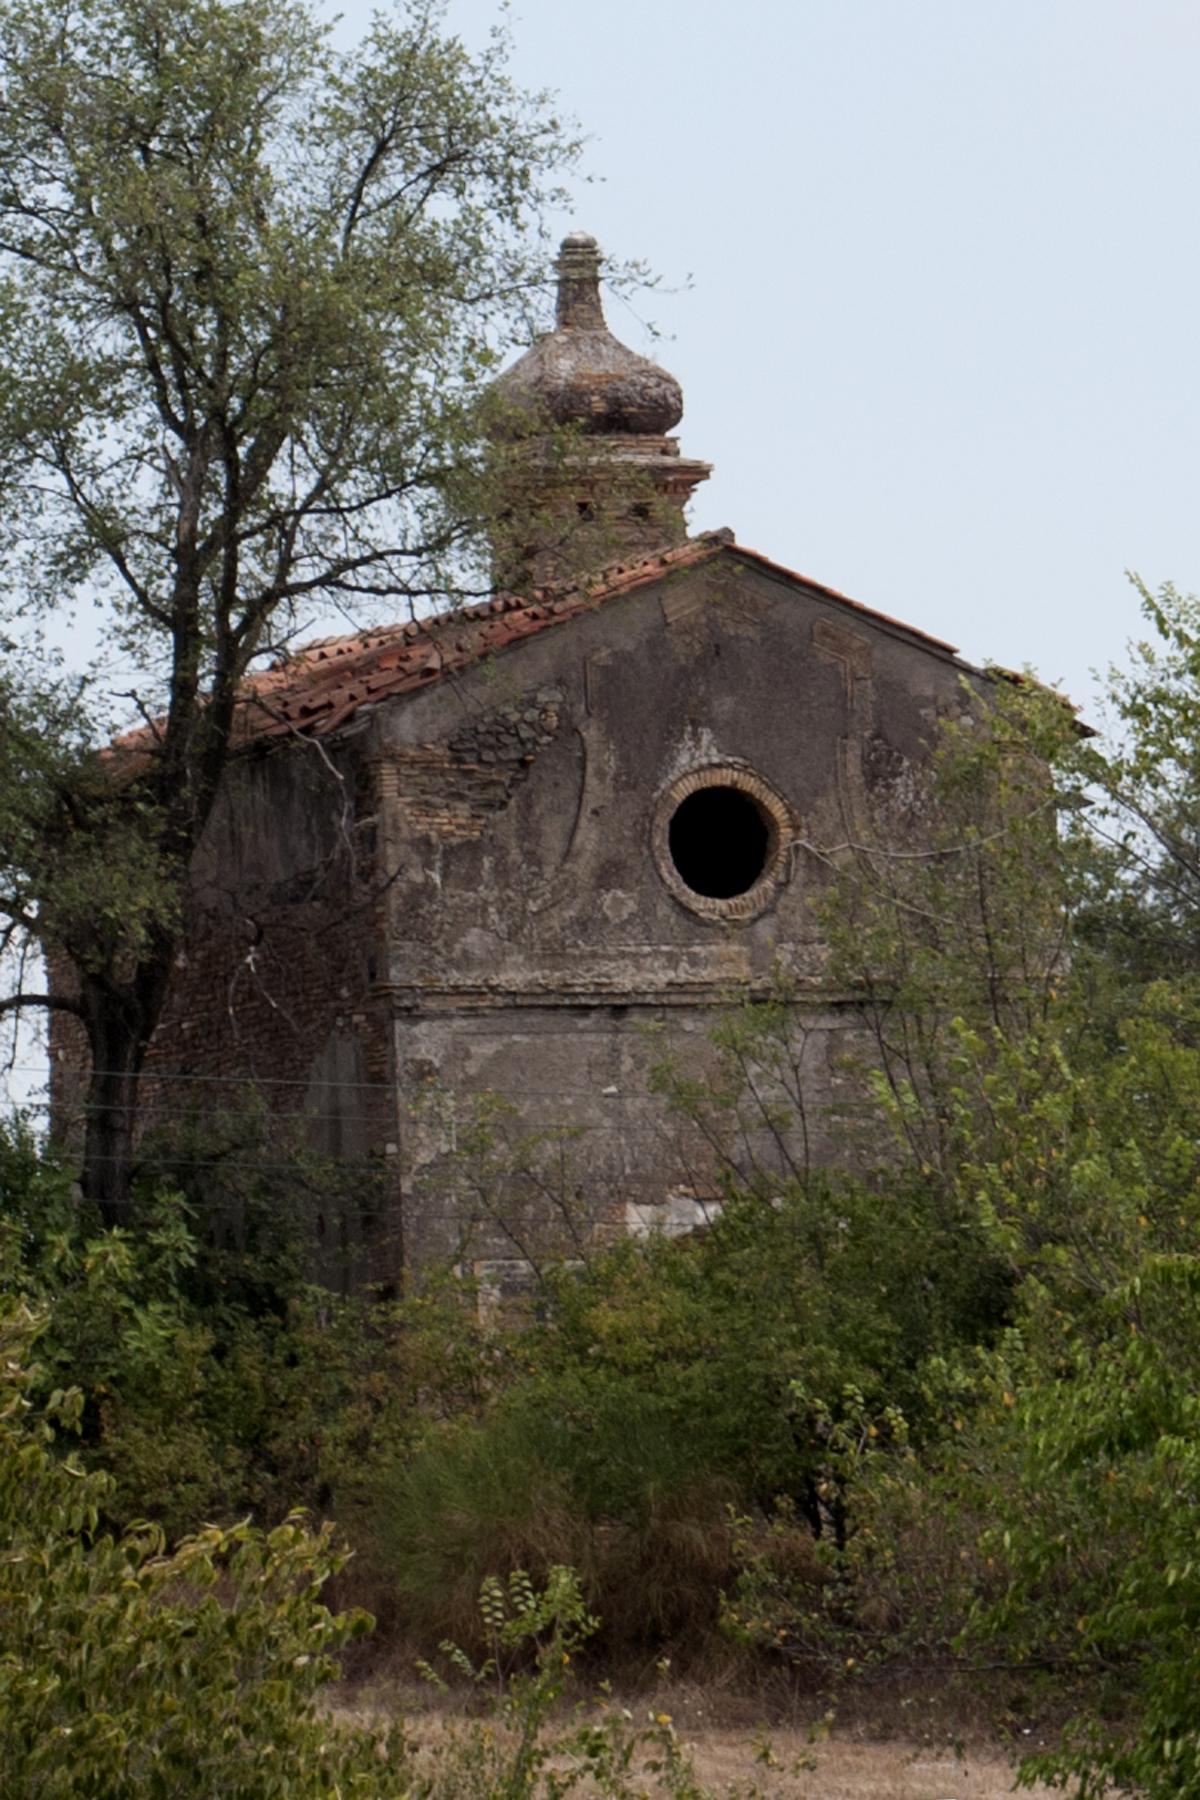 Chiesa Di Santa Chiara In Villa Di York